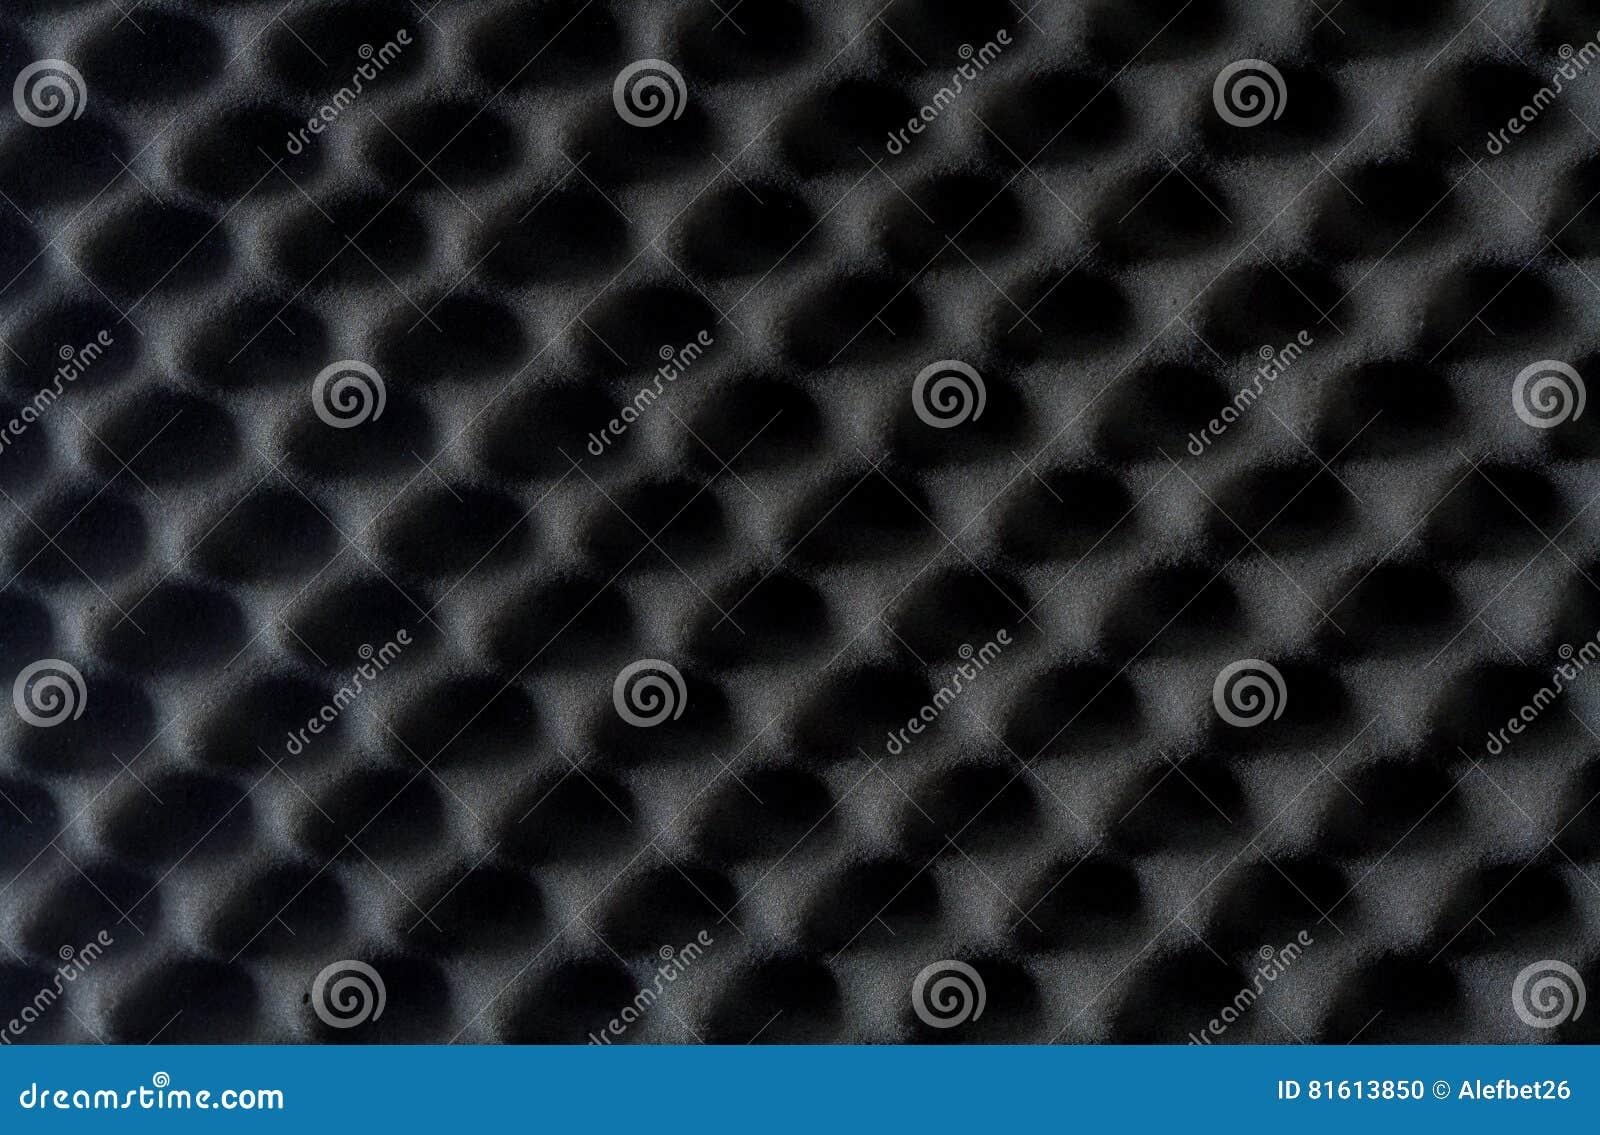 Fundo do som - esponja absorvente, insonorização da parede